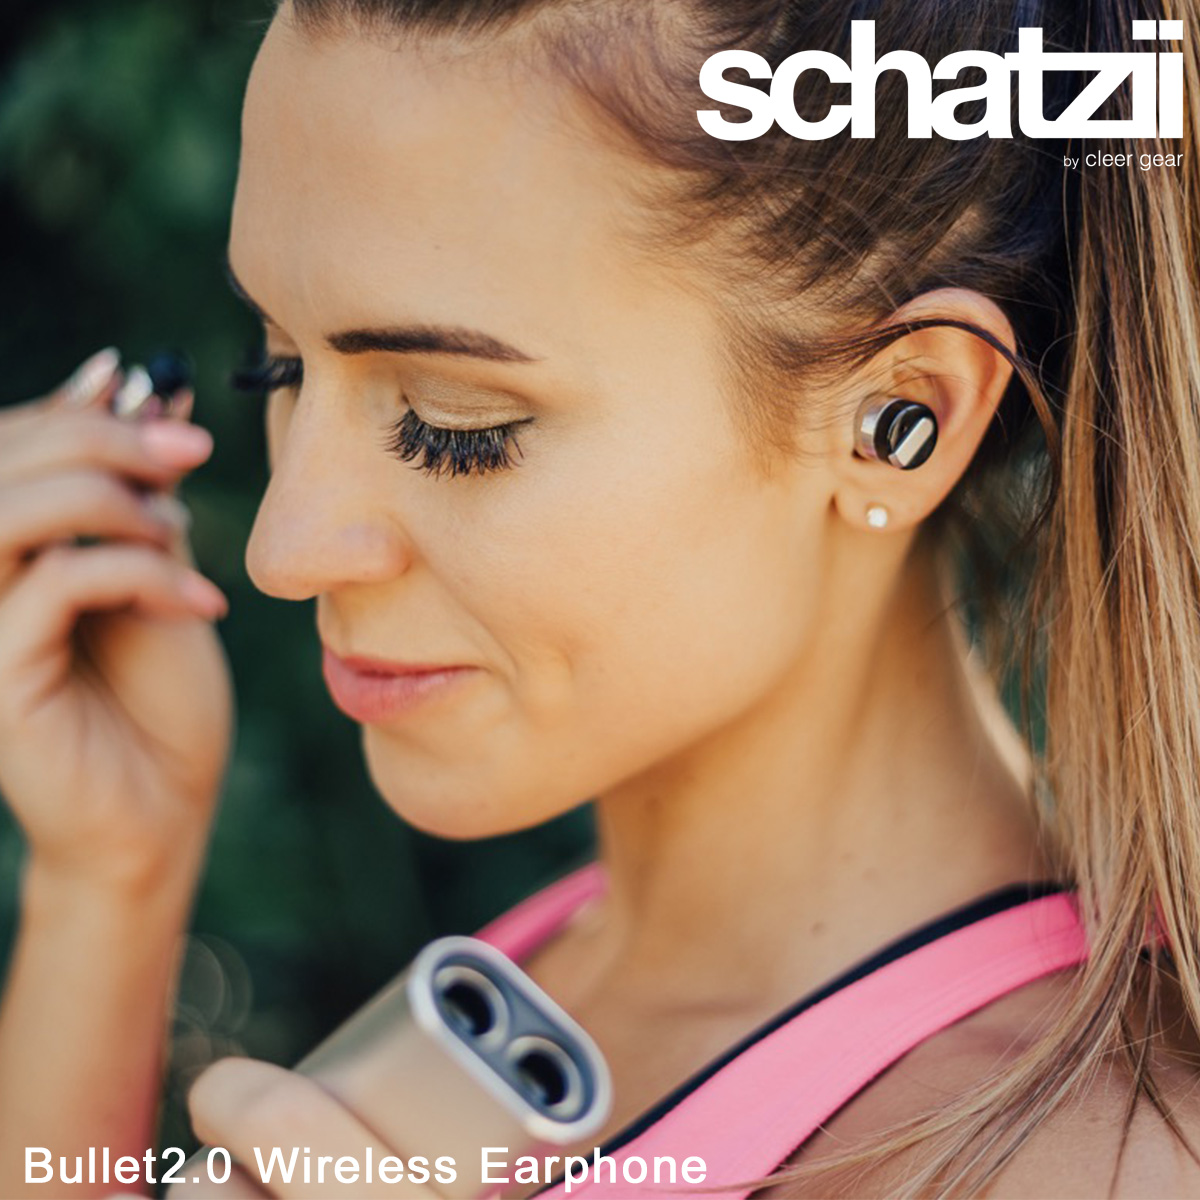 schatzii シャツィ ワイヤレスイヤホン iPhone Bluetooth 両耳 マイク BULLET2.0 シルバー SB-002